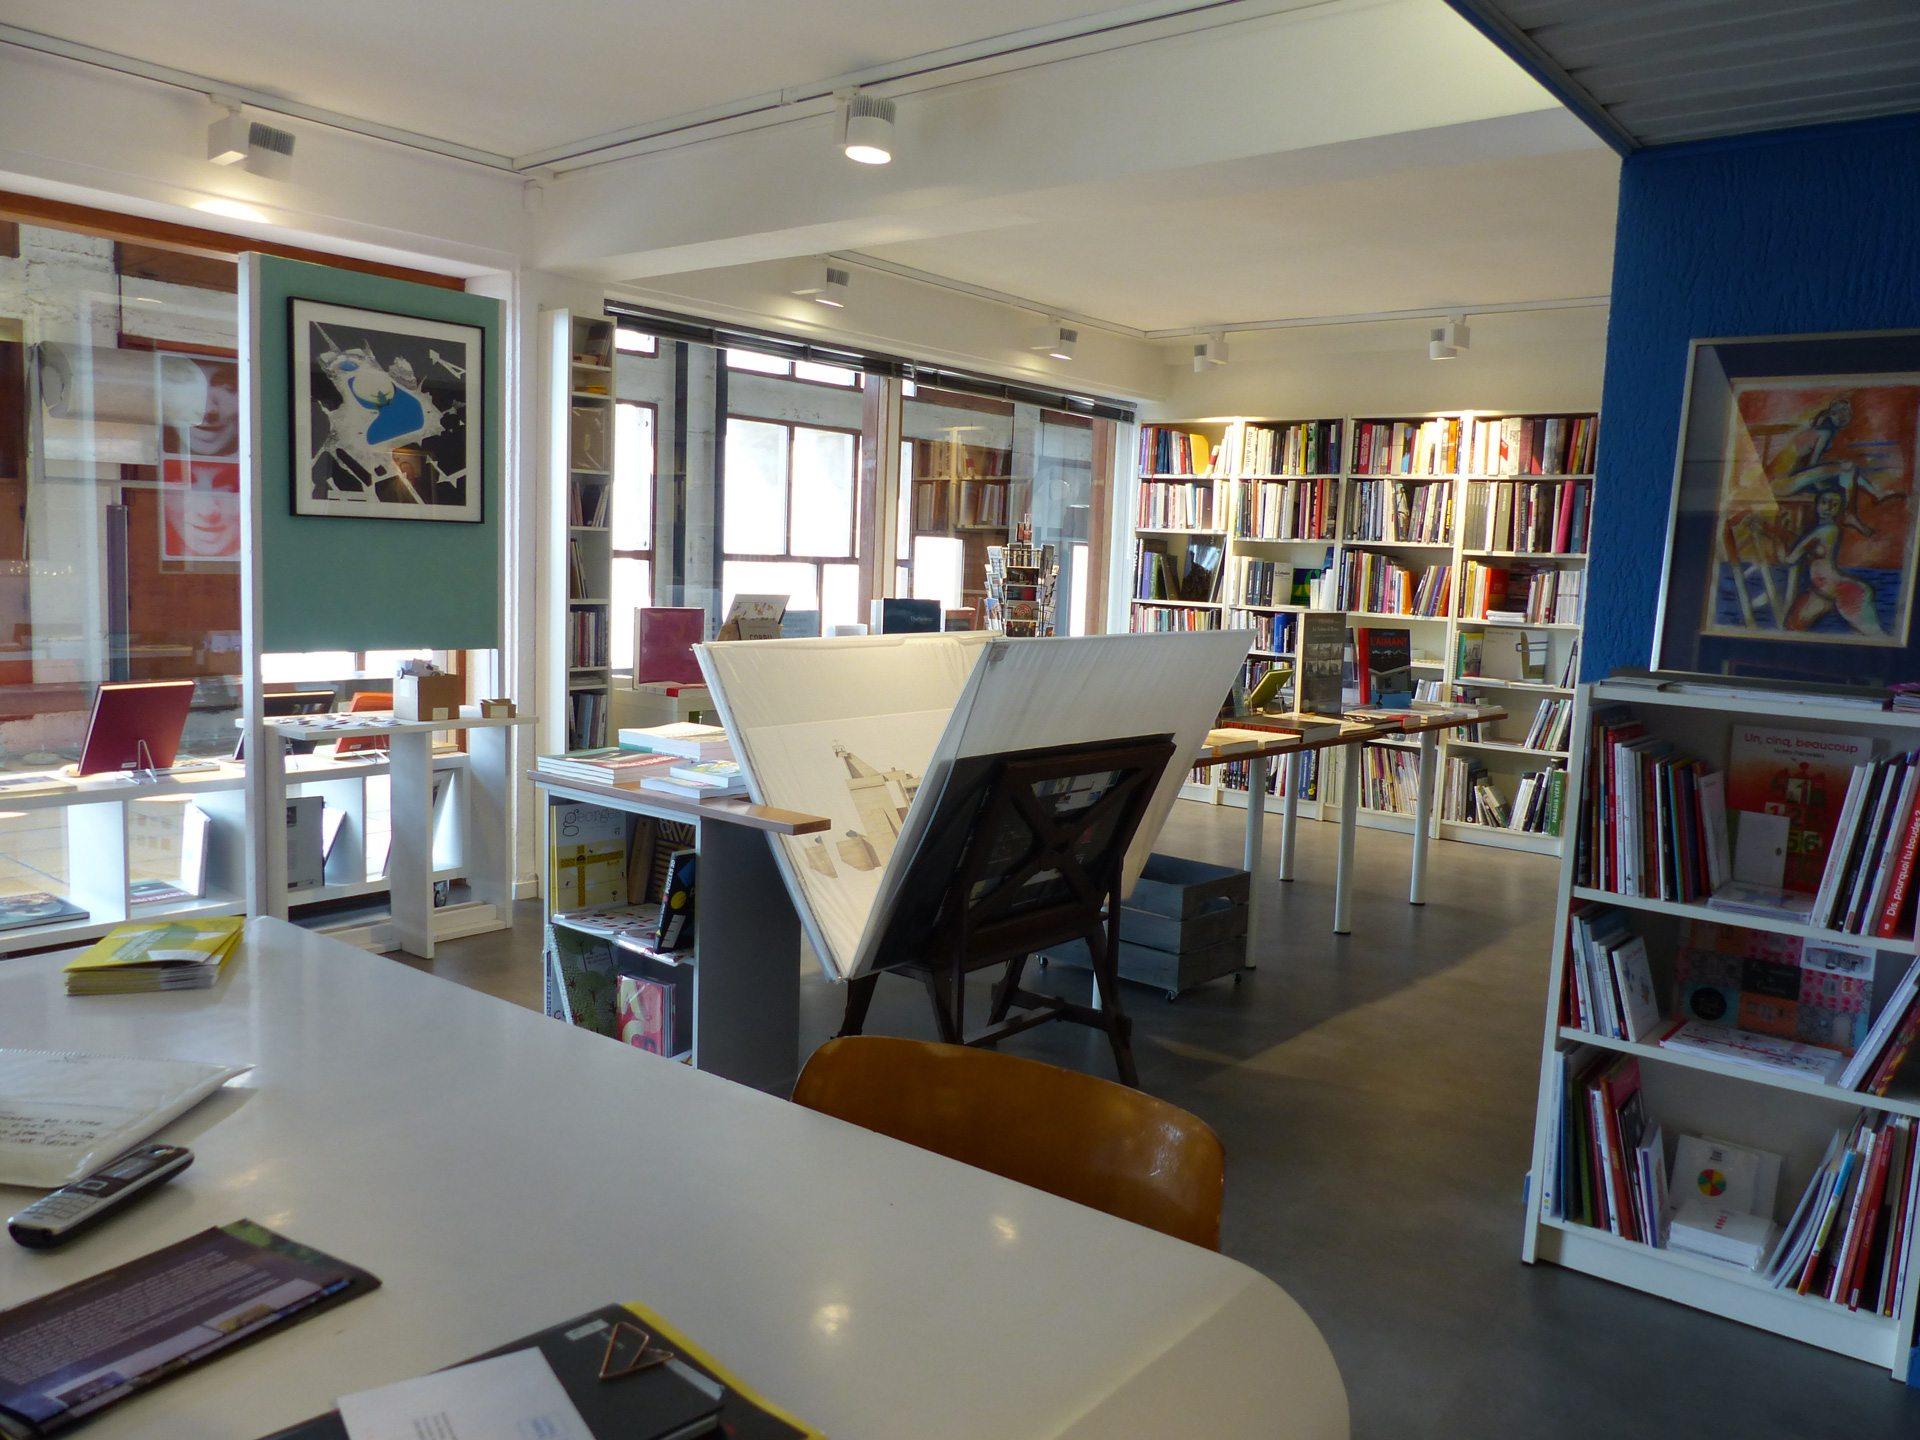 Librairie-Imbernon-1